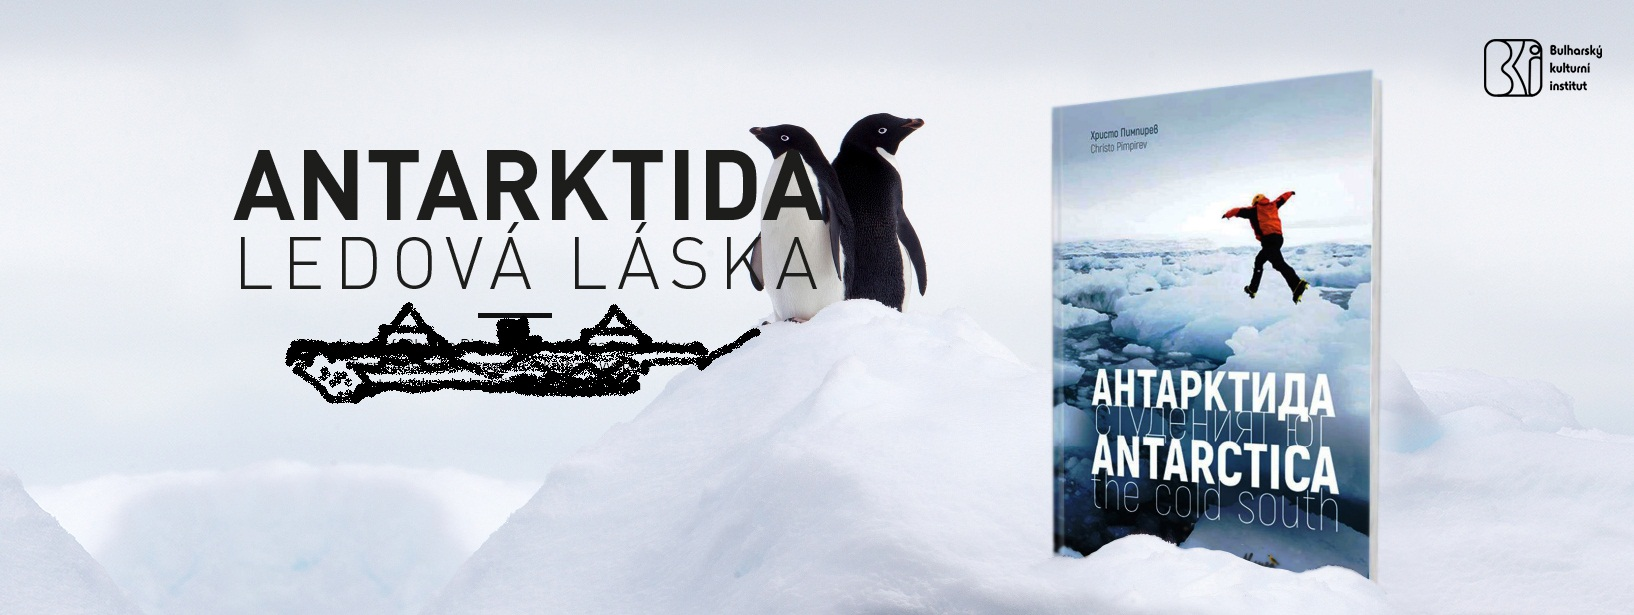 Antarktida 2018_FB_BKI